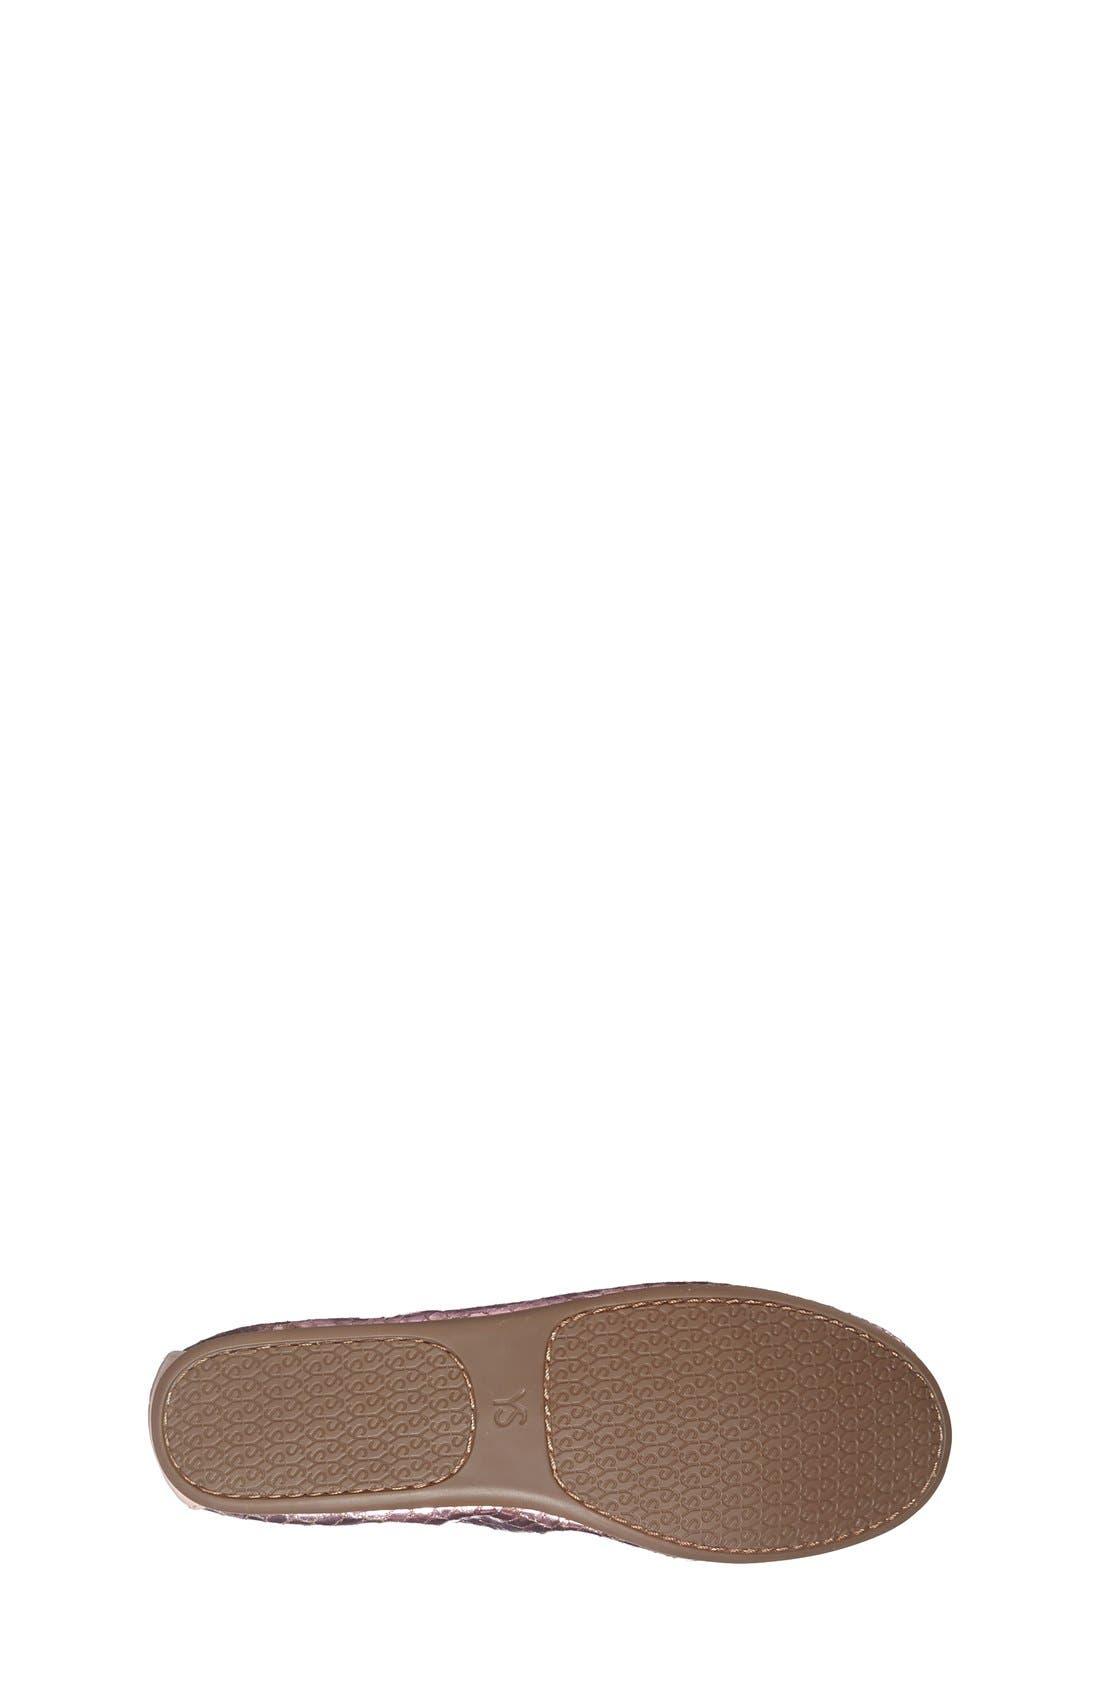 Alternate Image 4  - Yosi Samra Python Embossed Metallic Leather Flat (Toddler, Little Kid & Big Kid)